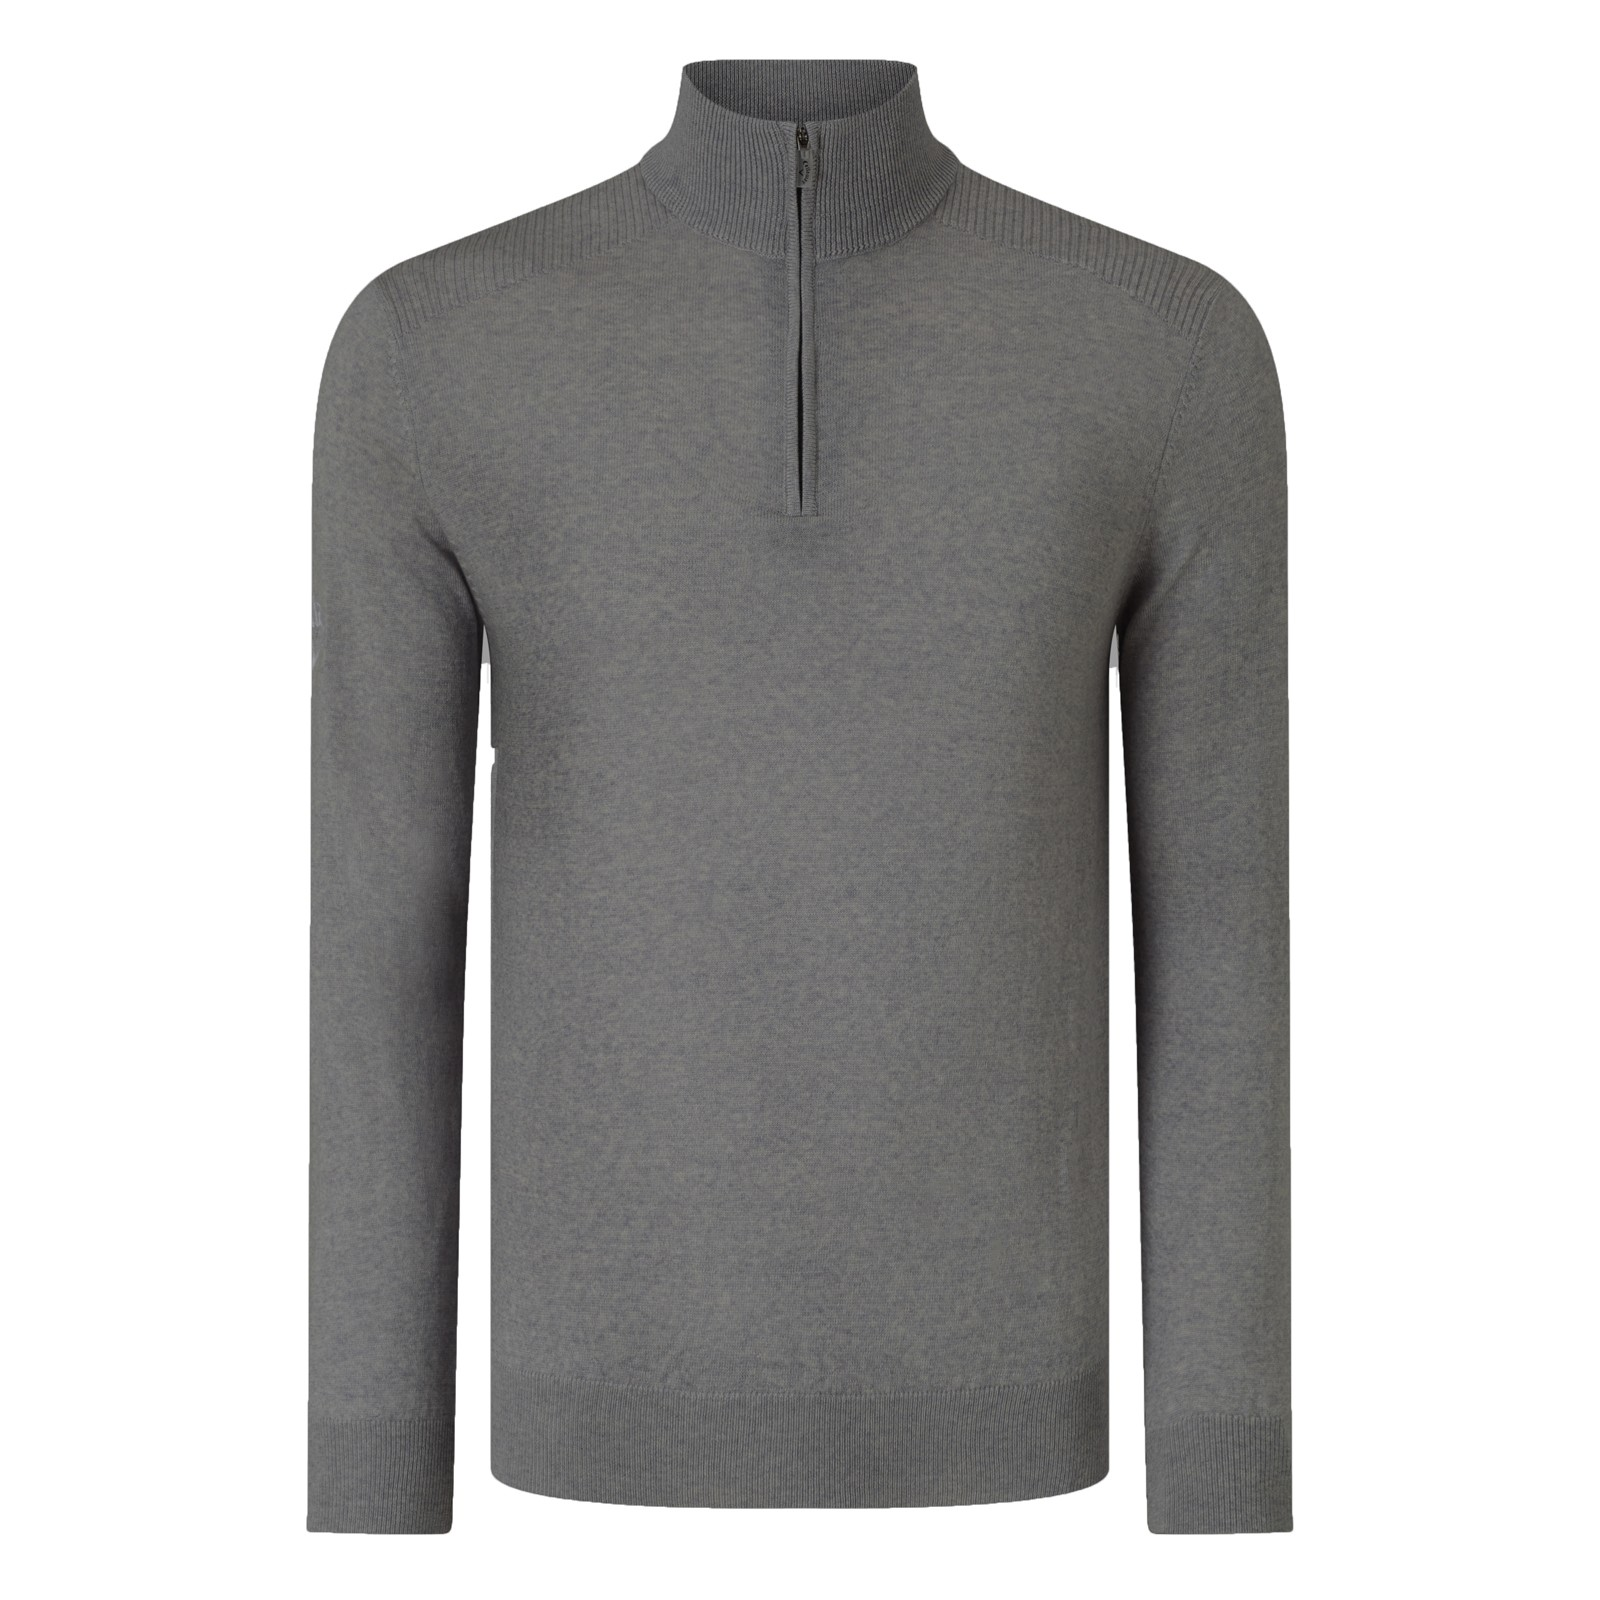 Callaway Merino 14 Zip Sweaters